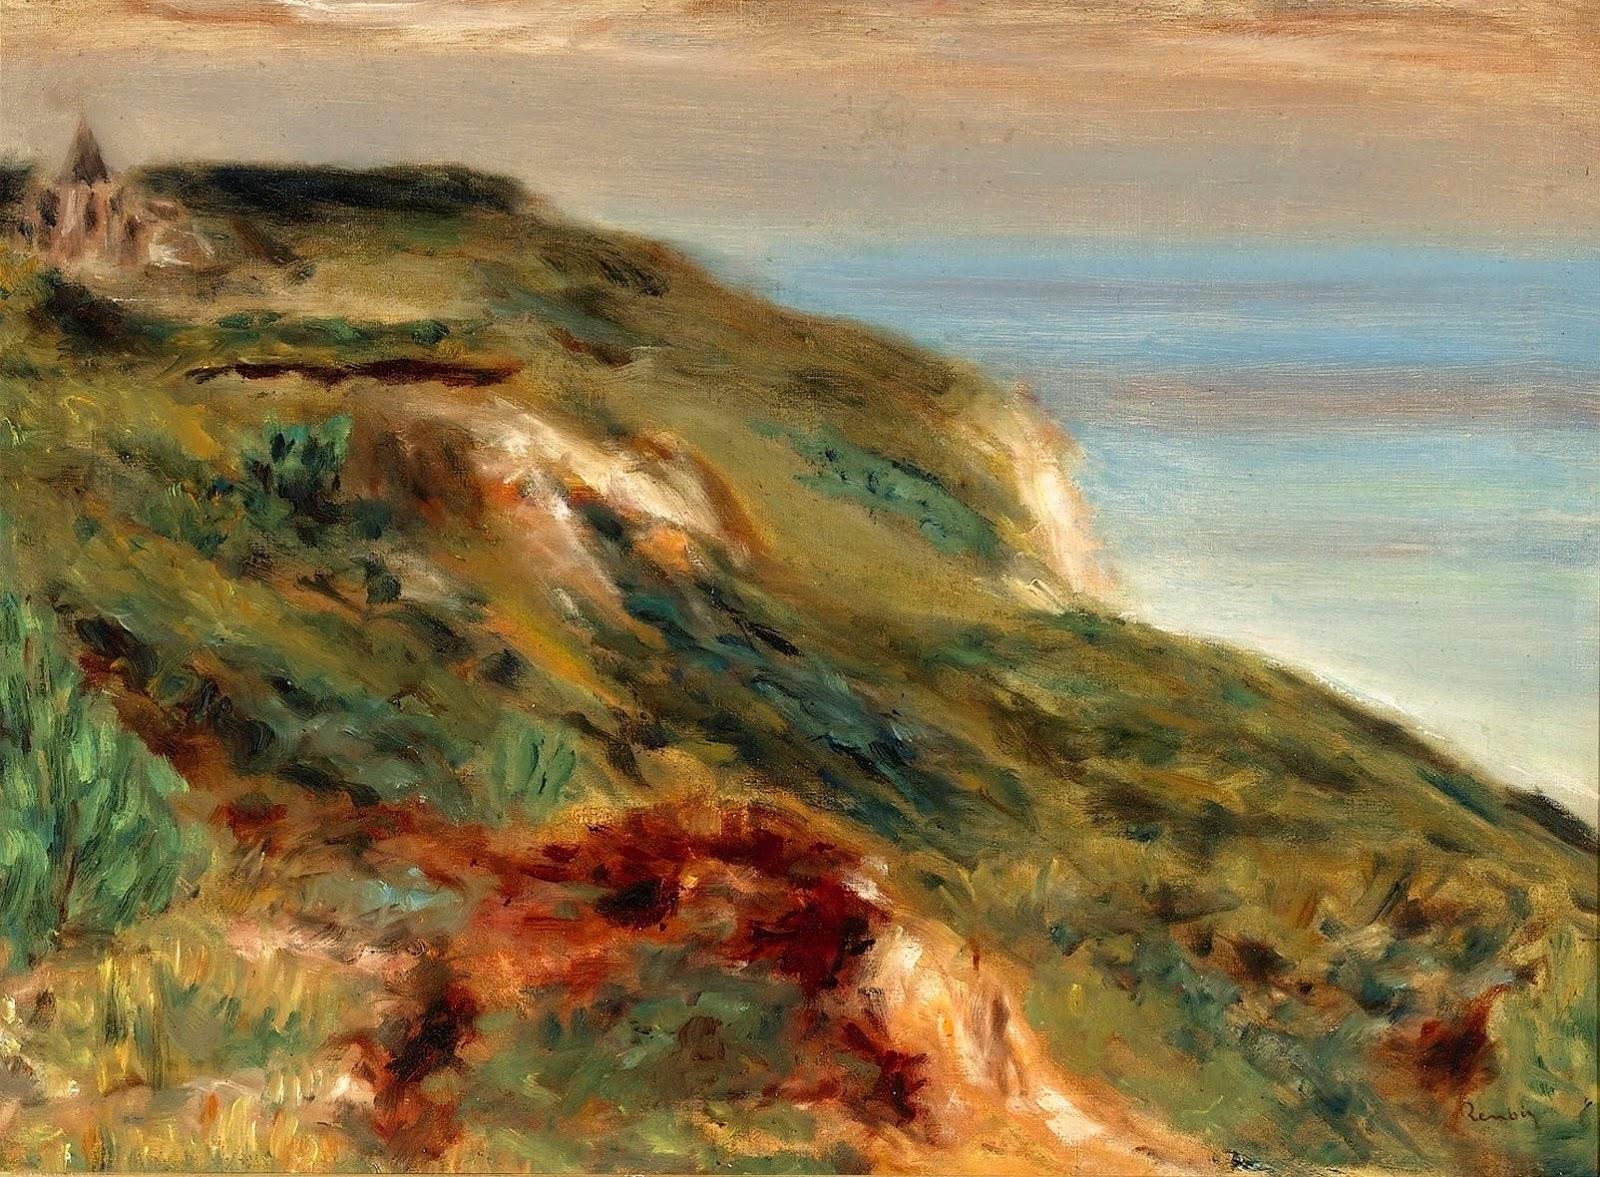 L'église de Varengeville et les falaises (A. Renoir, 1880)